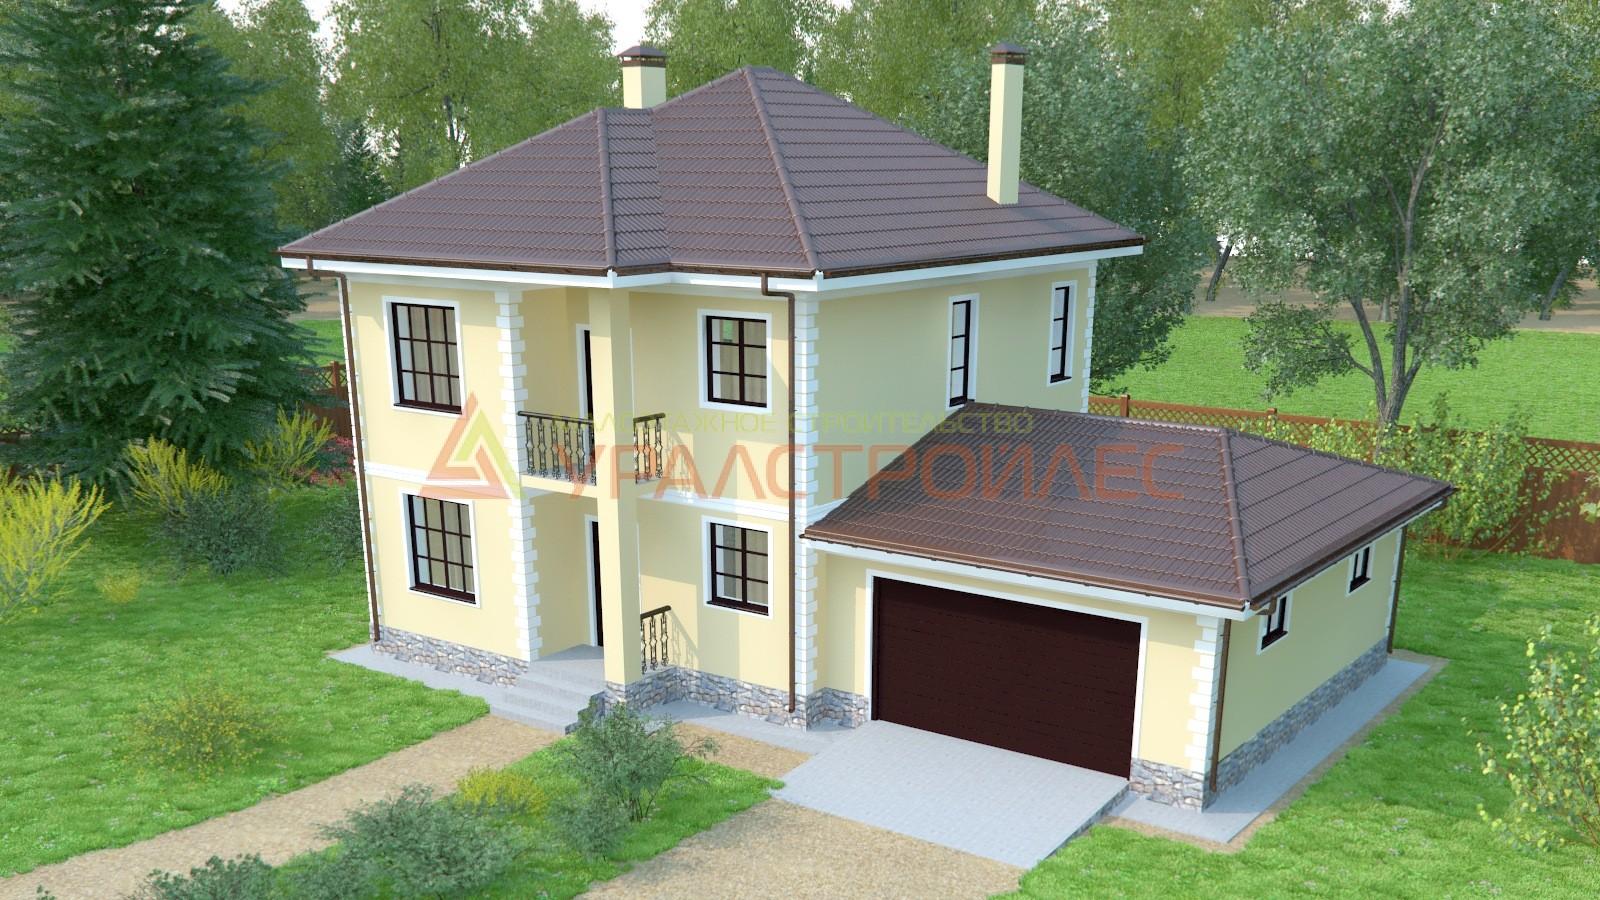 Проект №536, дом двухэтажный, общая площадь 178.6 кв.м., блочный